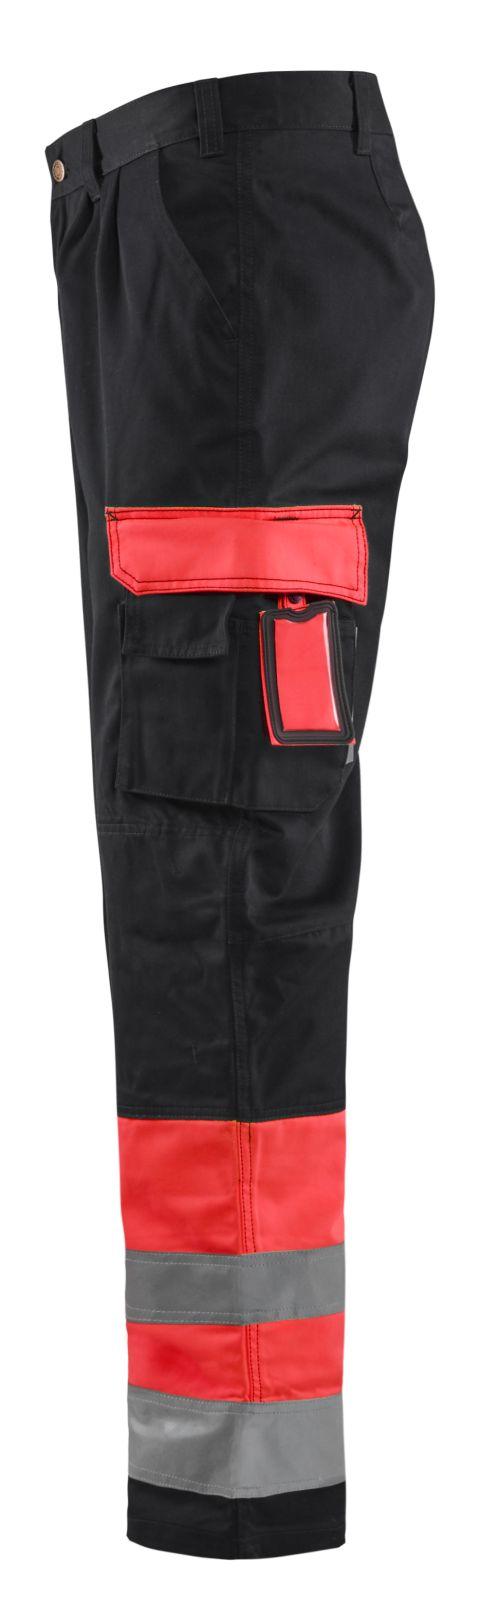 Blaklader Werkbroeken 15841860 High Vis rood-zwart(5599)